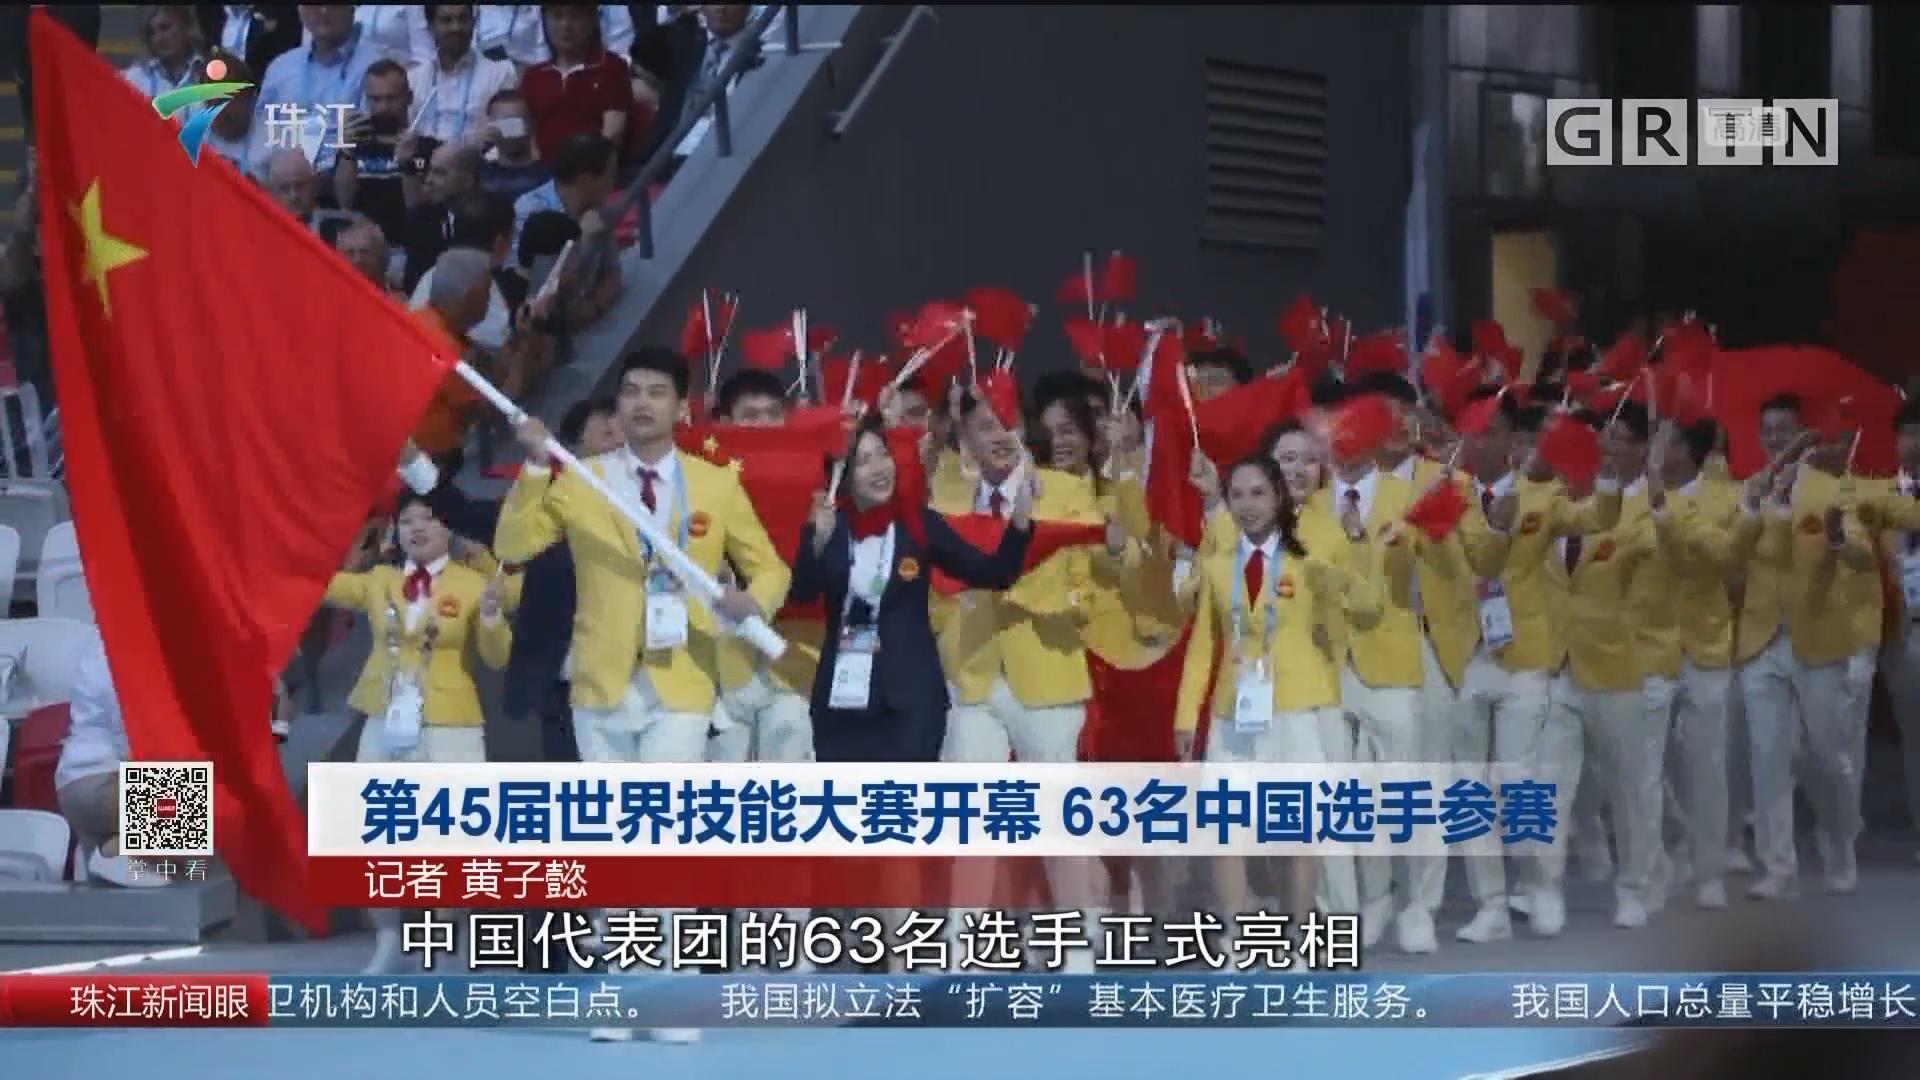 第45届世界技能大赛开幕 63名中国选手参赛